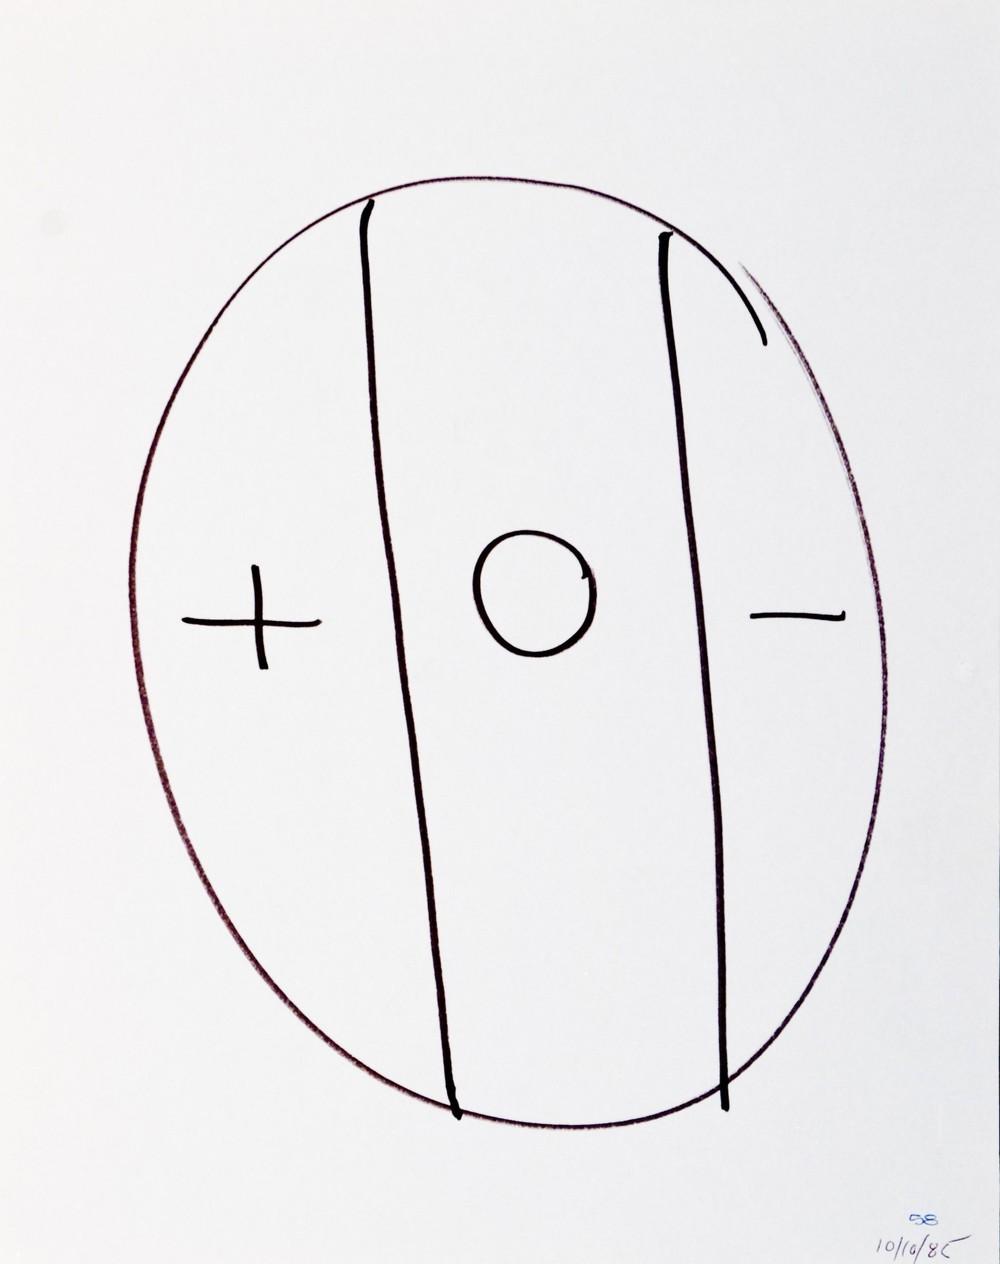 Diagram 58